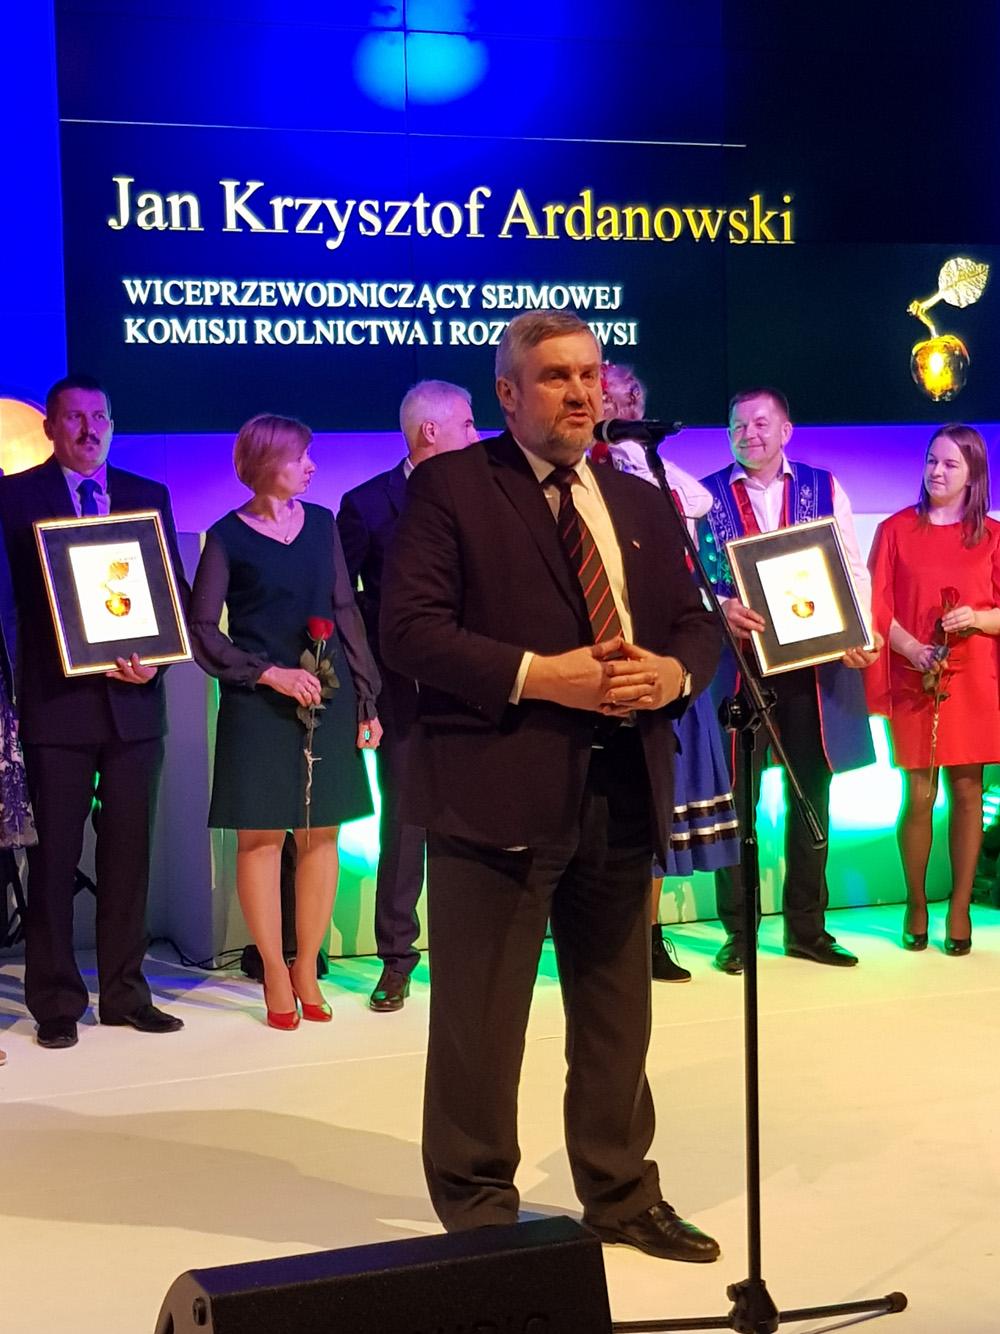 Wystąpienie Jana Krzysztofa Ardanowskiego, wiceprzewodniczącego Sejmowej Komisji Rolnictwa i Rozwoju Wsi